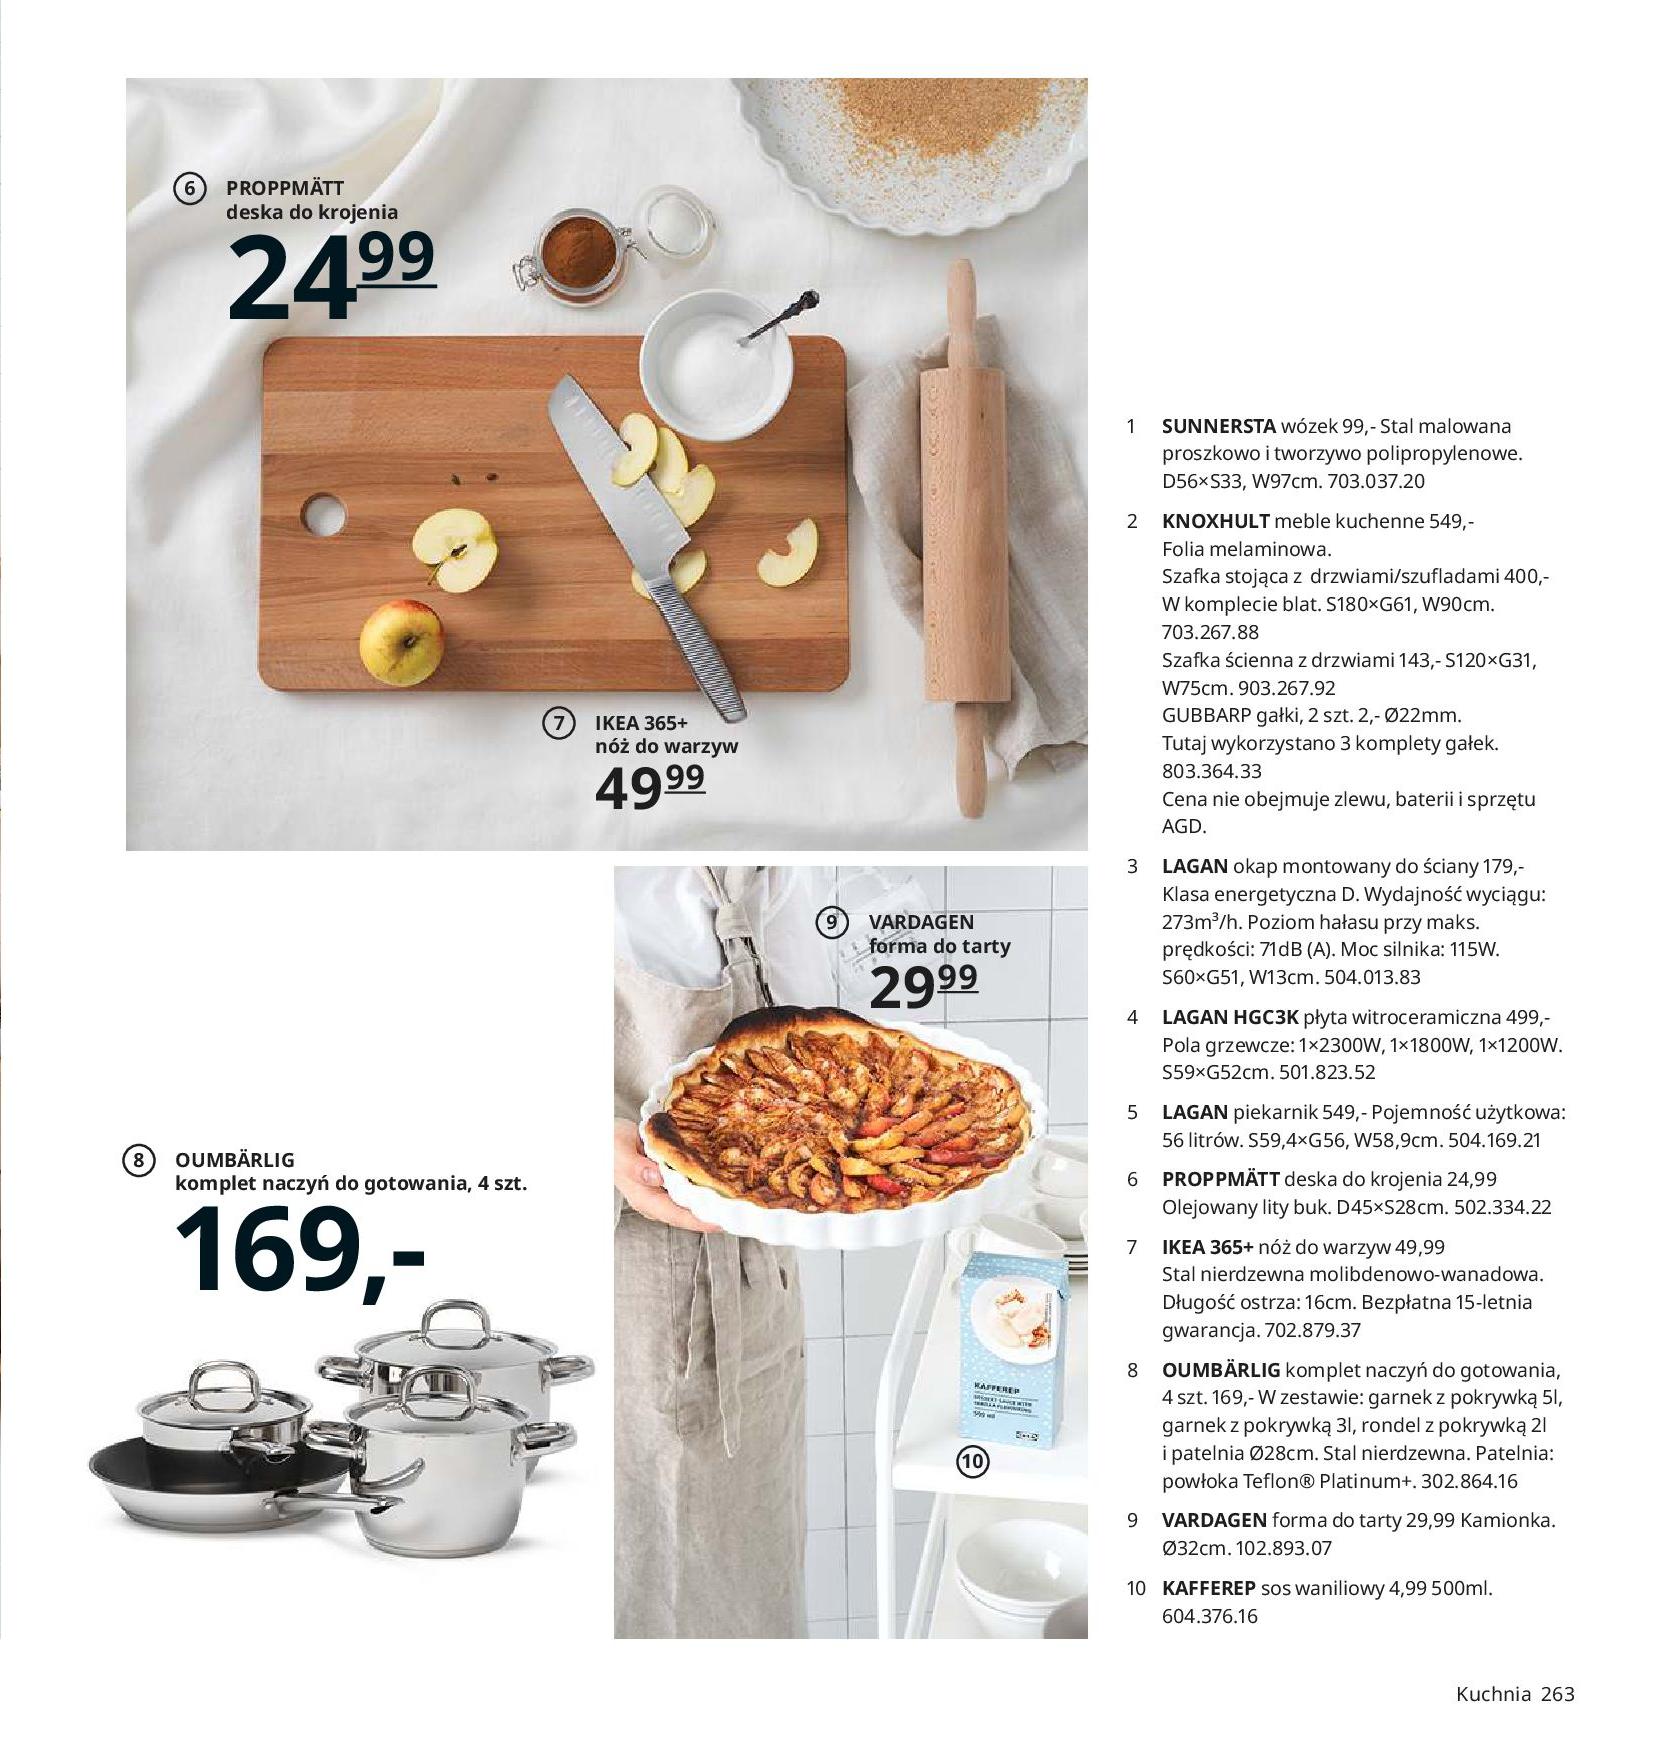 Gazetka IKEA - Katalog IKEA 2020-25.08.2019-31.07.2020-page-263